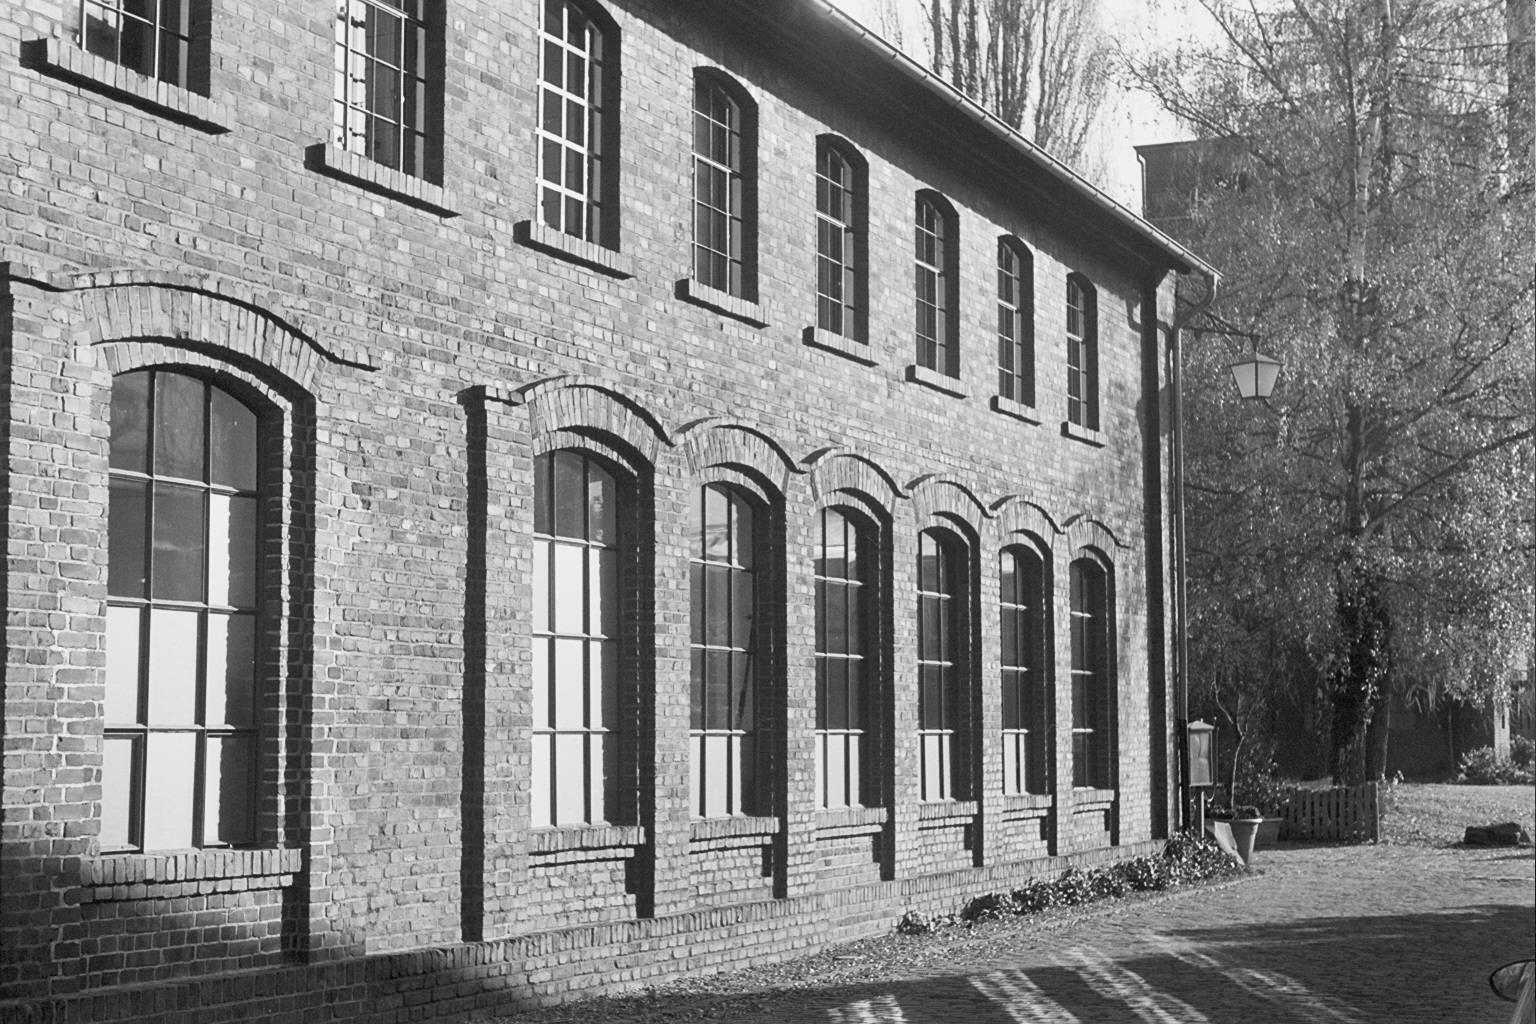 Elbershallen, Hagen